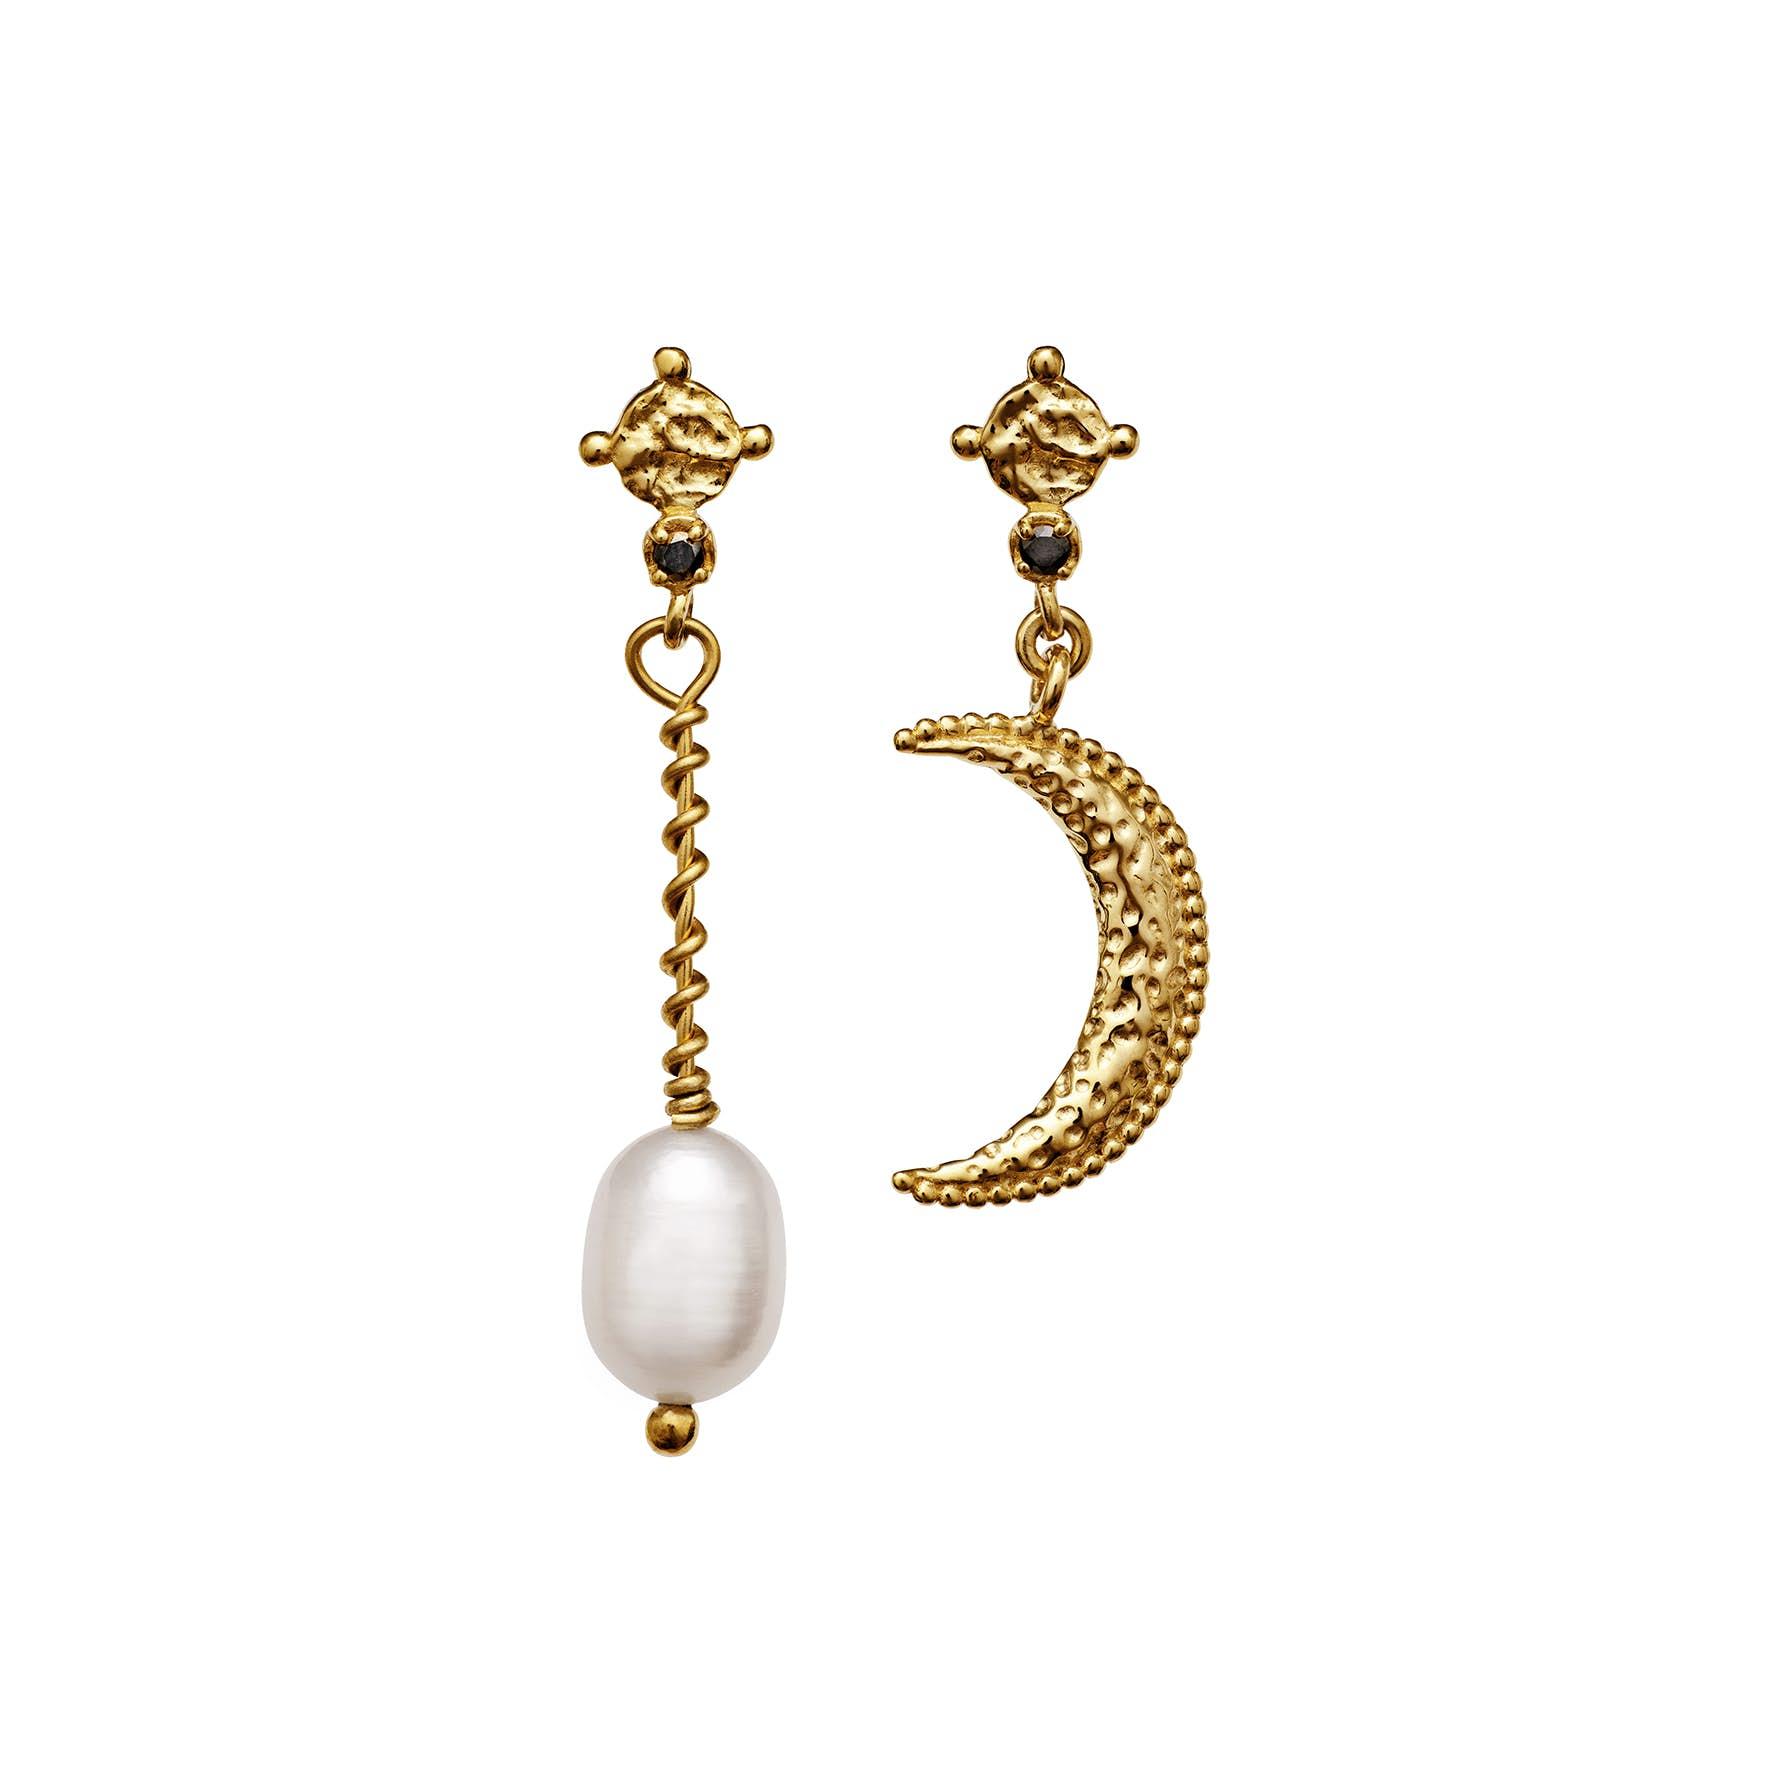 Nyla Earrings von Maanesten in Vergoldet-Silber Sterling 925